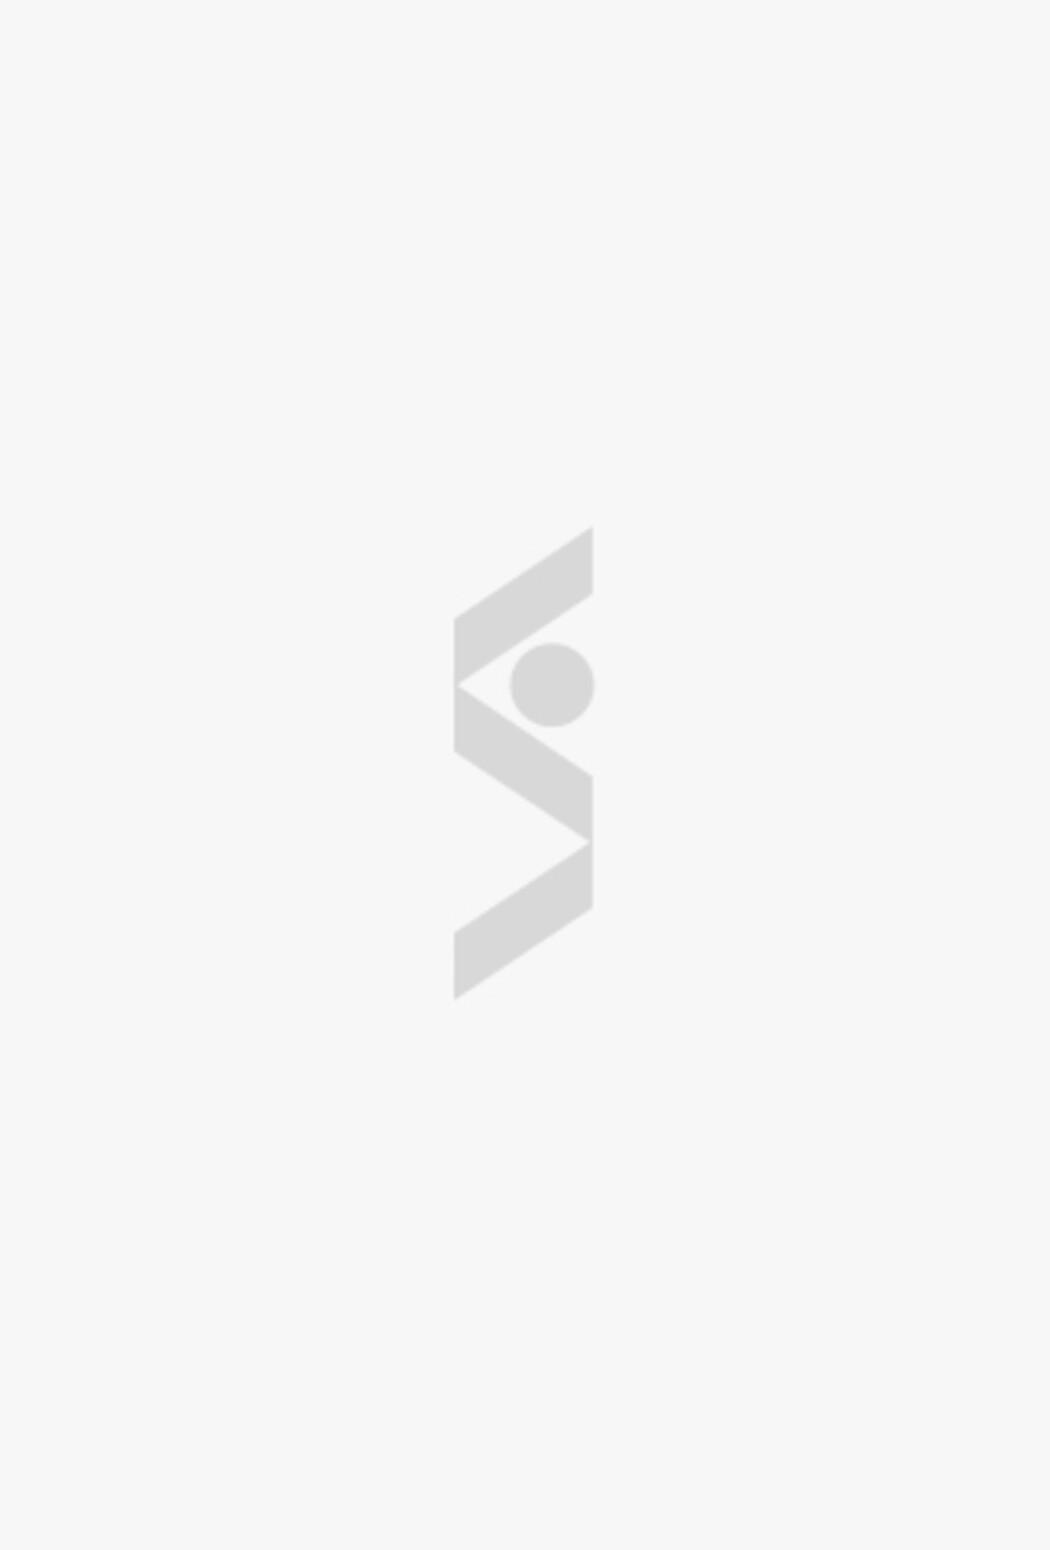 Хлопковое платье в горох с сеткой Bogi - цена 1390 ₽ купить в интернет-магазине СТОКМАНН в Москве